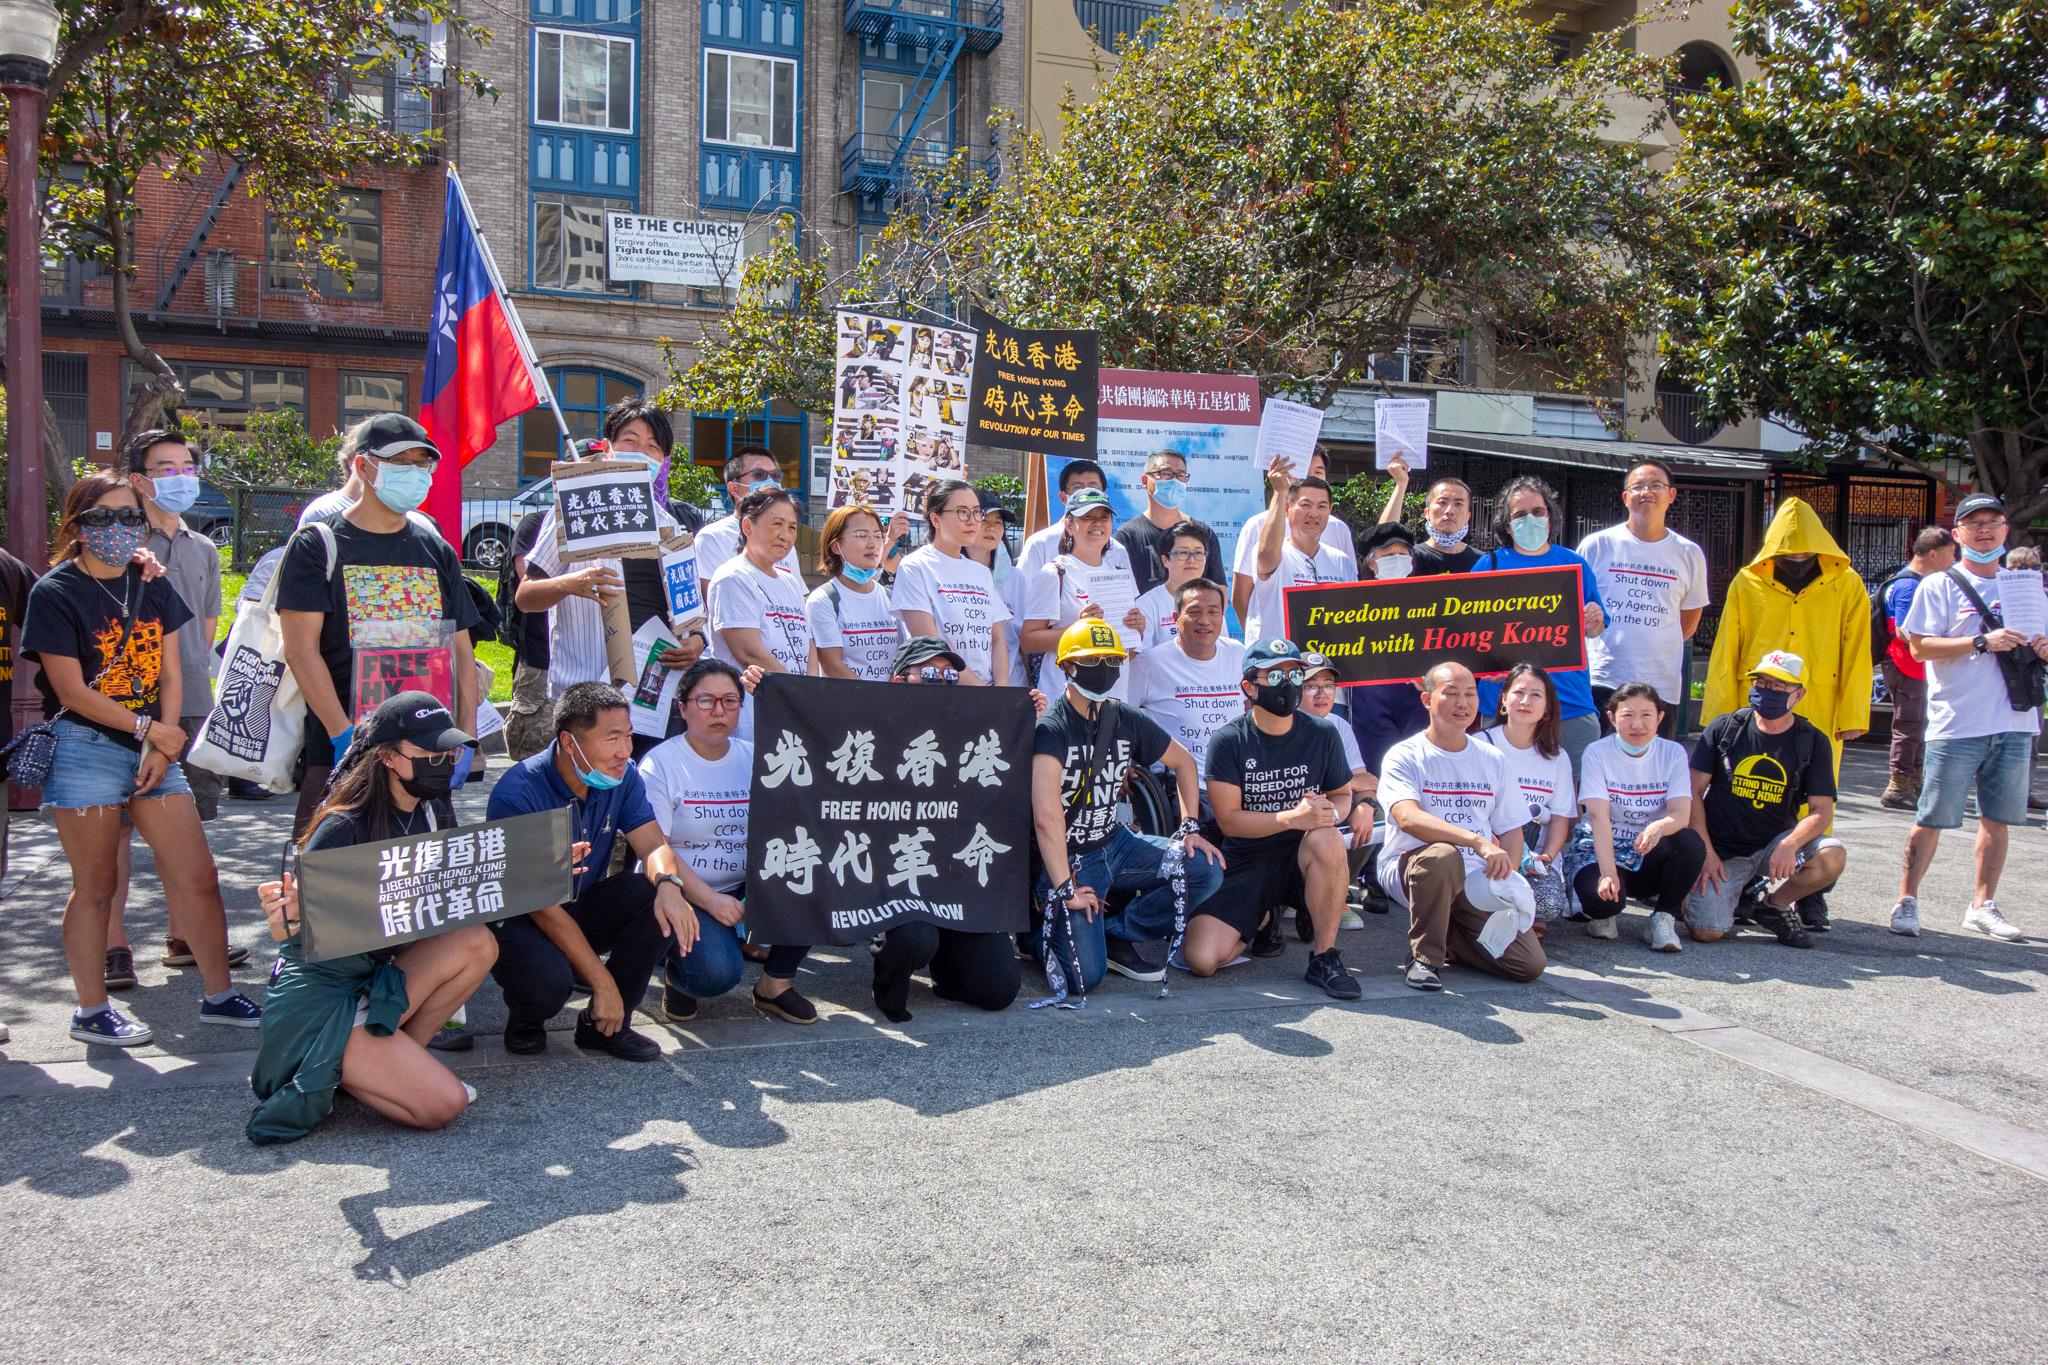 摘除五星血旗活動 在三藩市華埠啟動